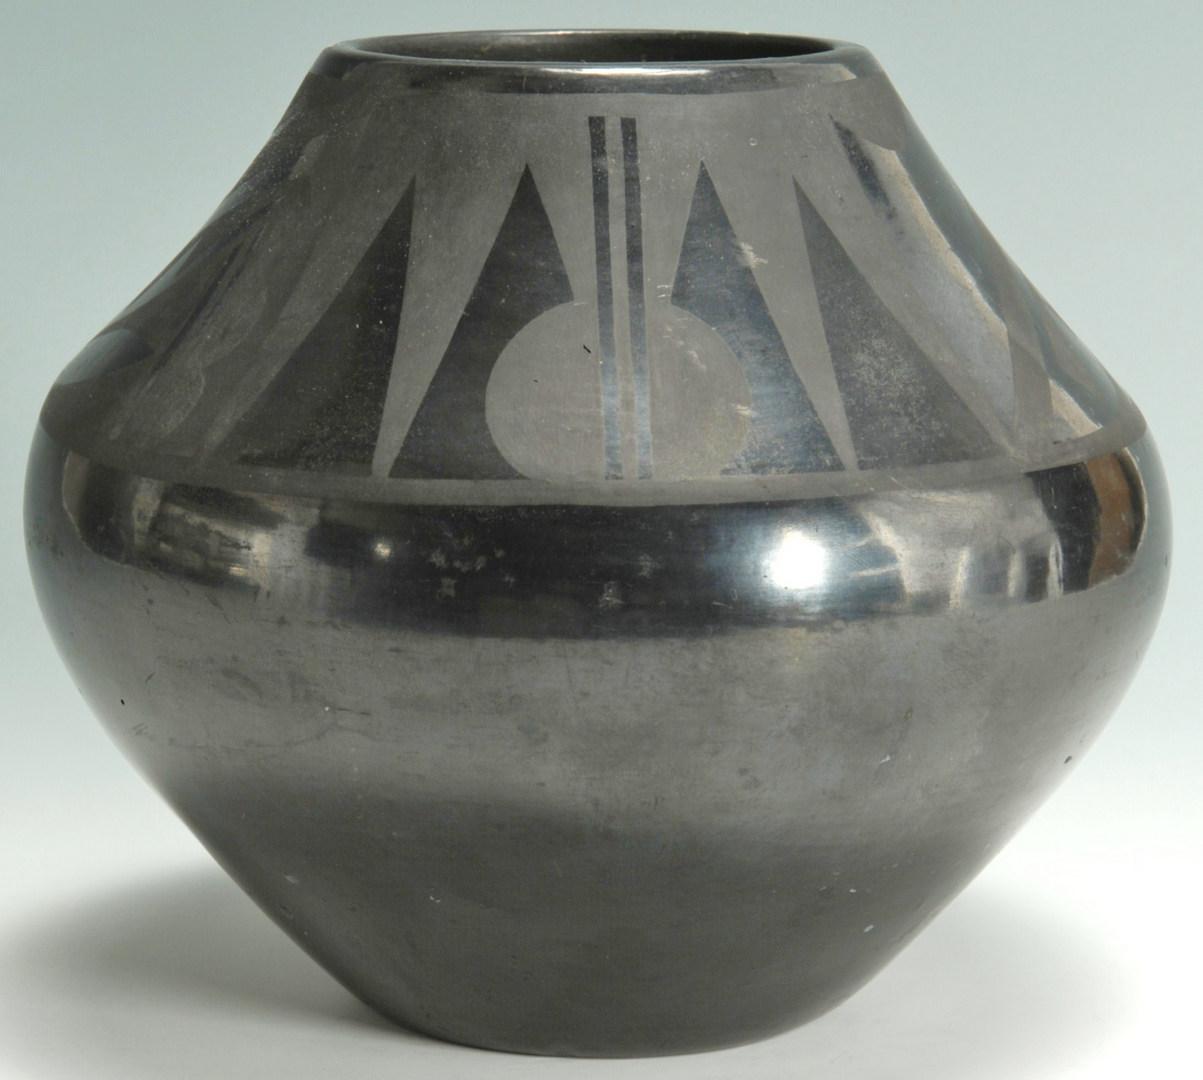 Lot 399: San Ildefonso Pottery Jar Signed Tonita